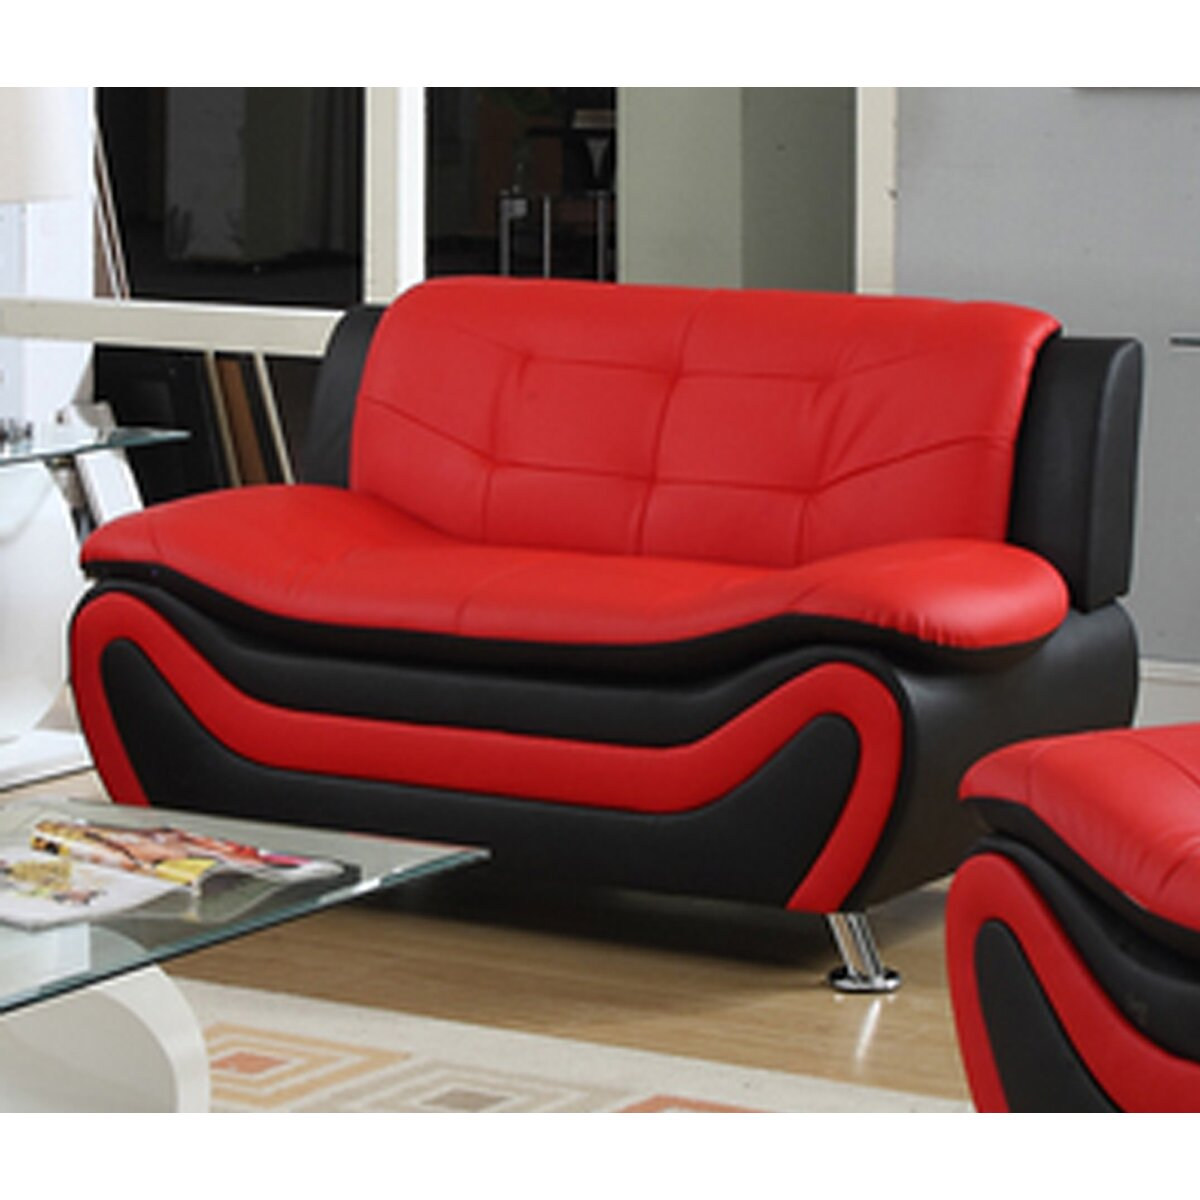 Pdaeinc roselia 2 piece sofa set for 2 piece sofa set